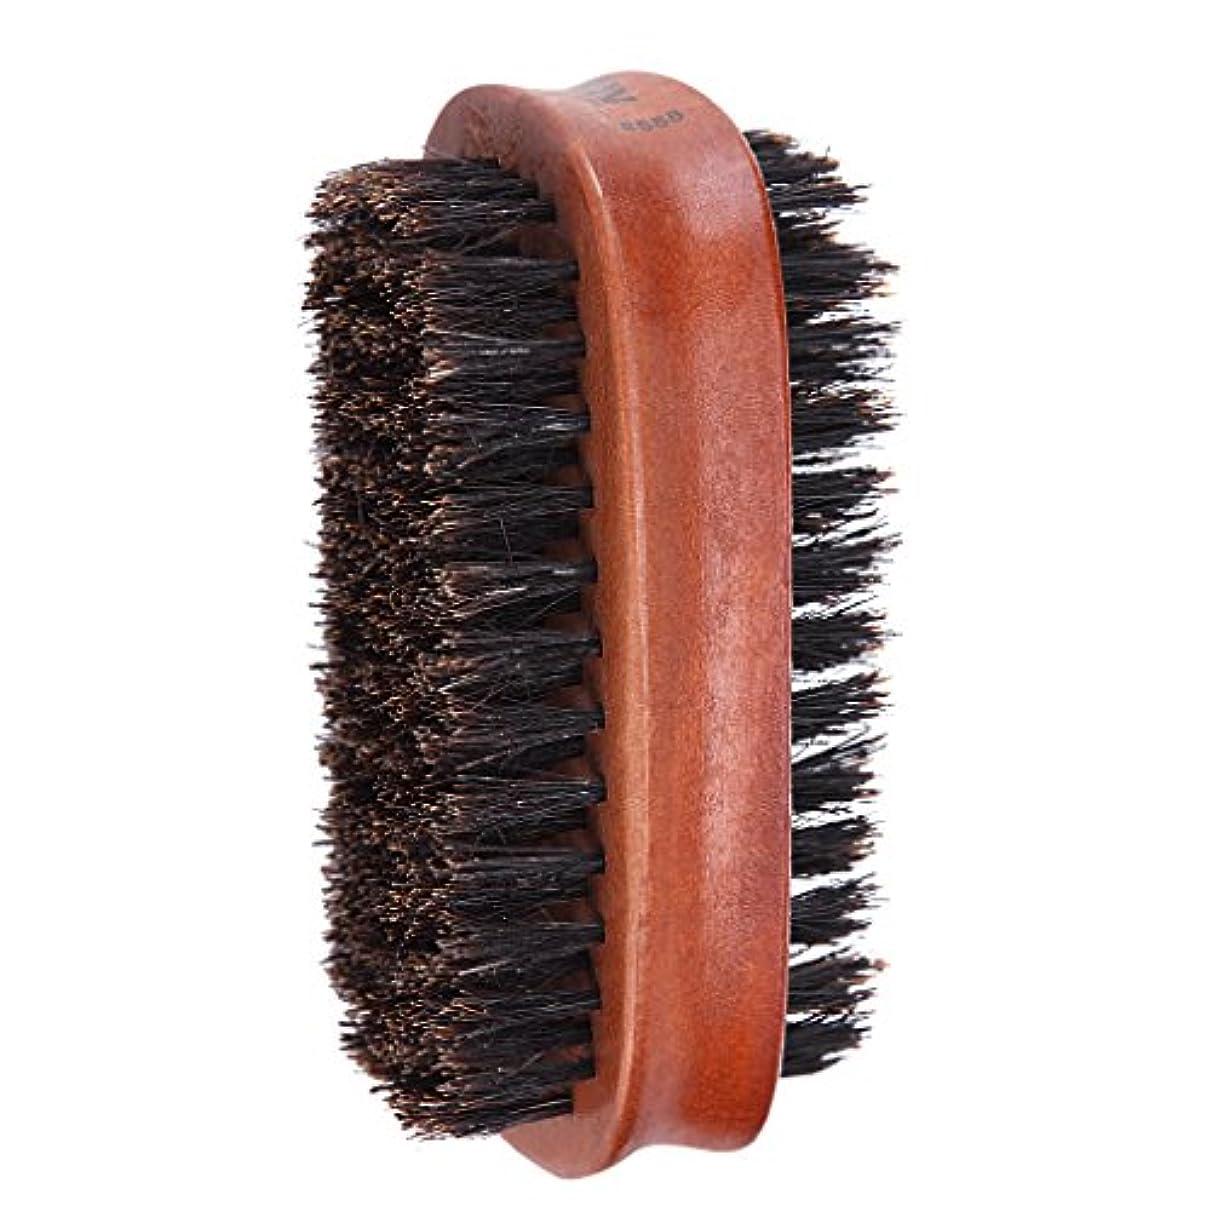 呼び出す実装する適合するToygogo ヘアブラシ 両面ブラシ 男性 髭 口ひげ グルーミングブラシ ブリストルブラシ